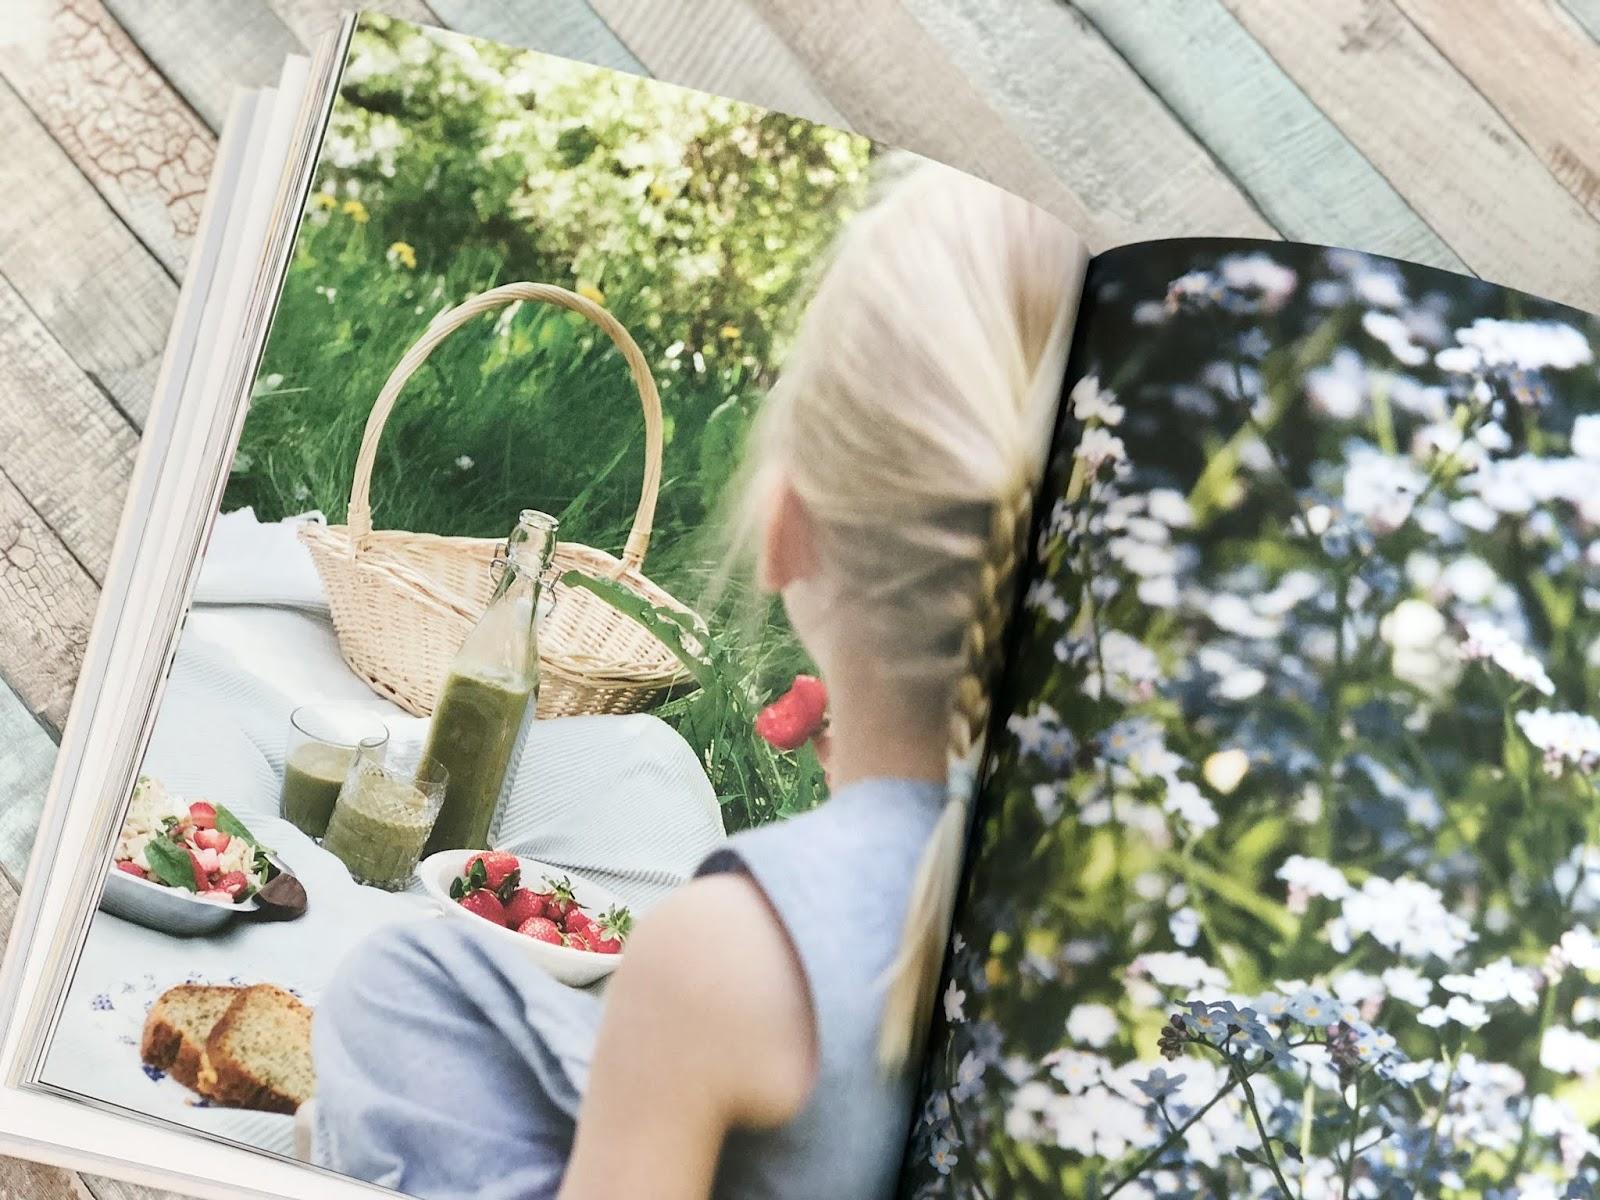 Perheen Ruokavuosi -vinkkejä terveelliseen ja kasvispainotteiseen ruokailuun